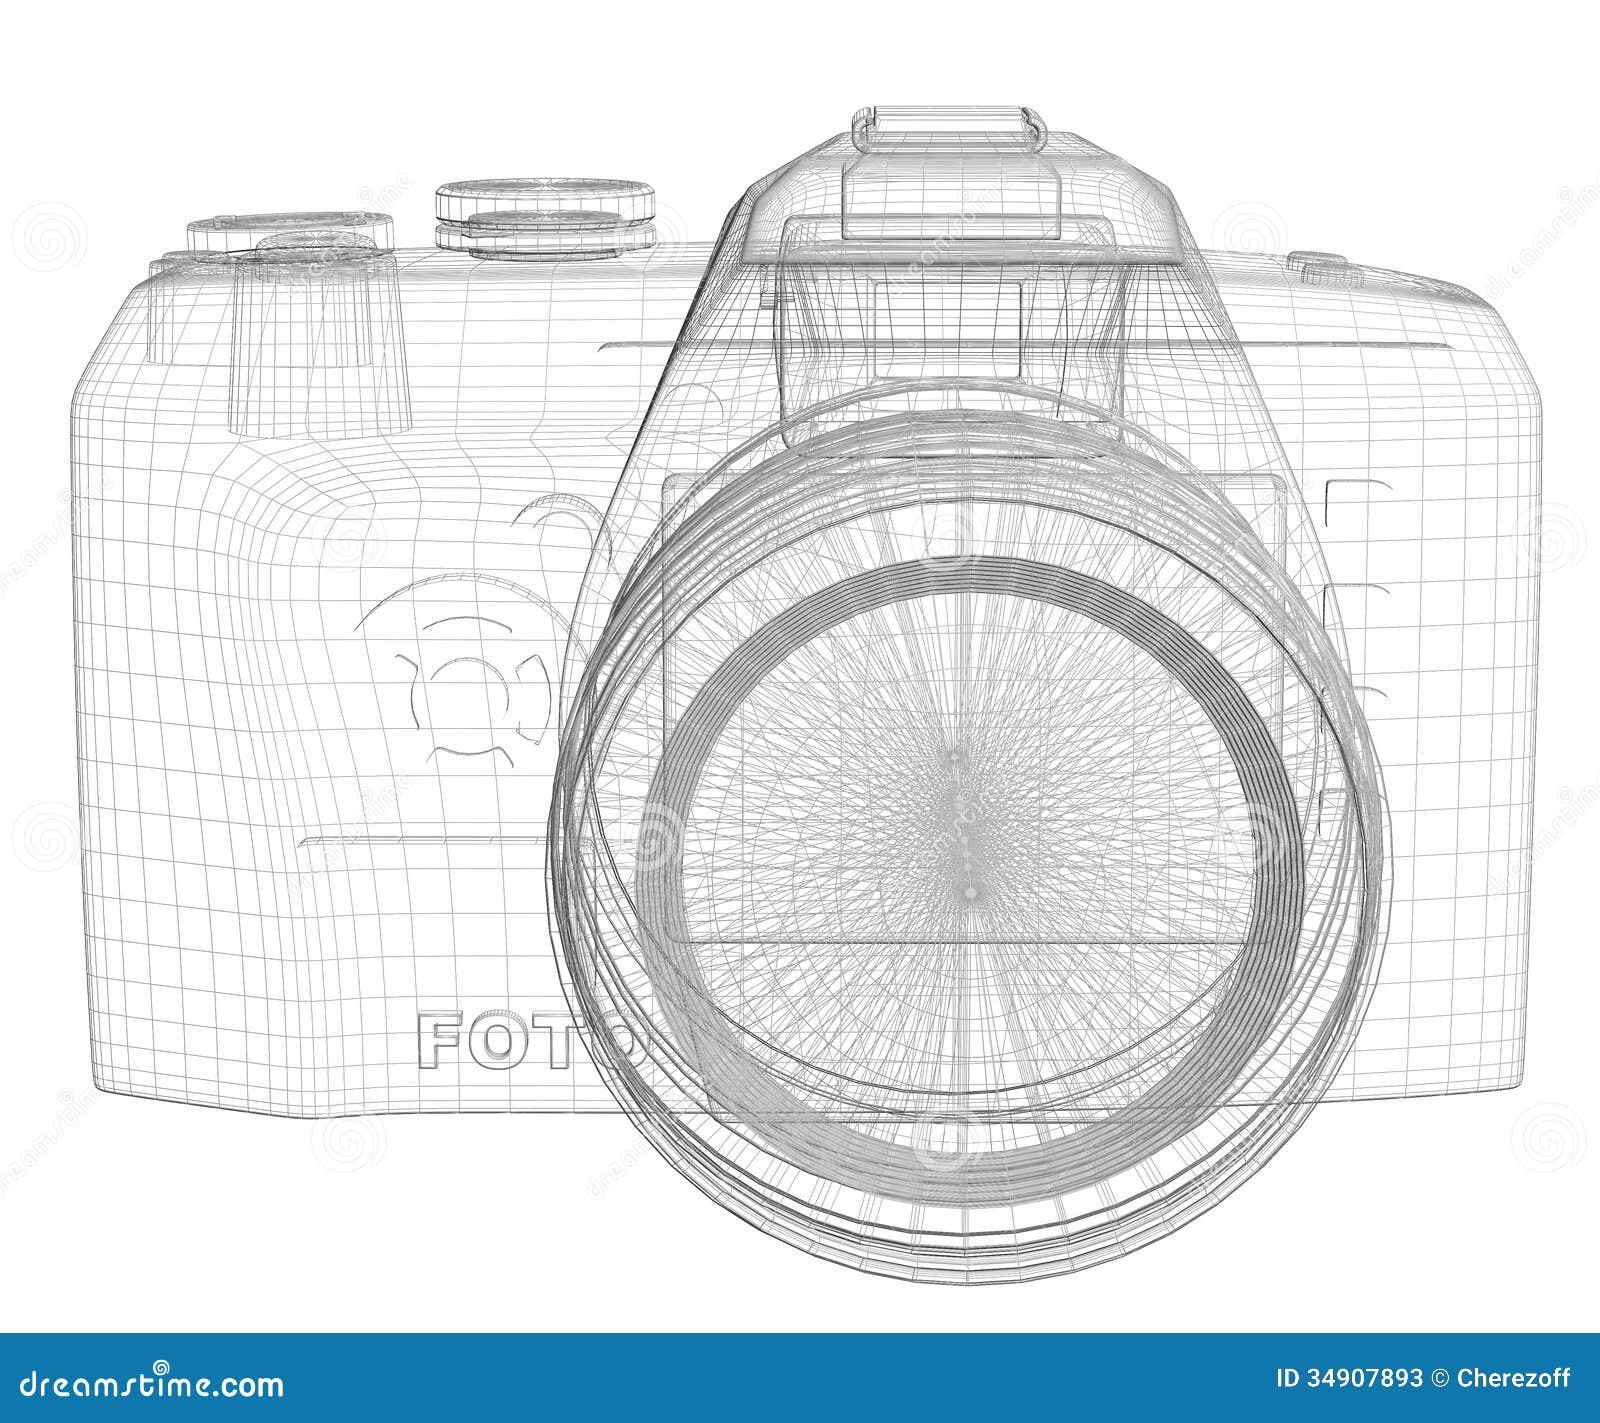 Ziemlich Diagramm Drahtrahmen Fotos - Der Schaltplan - greigo.com